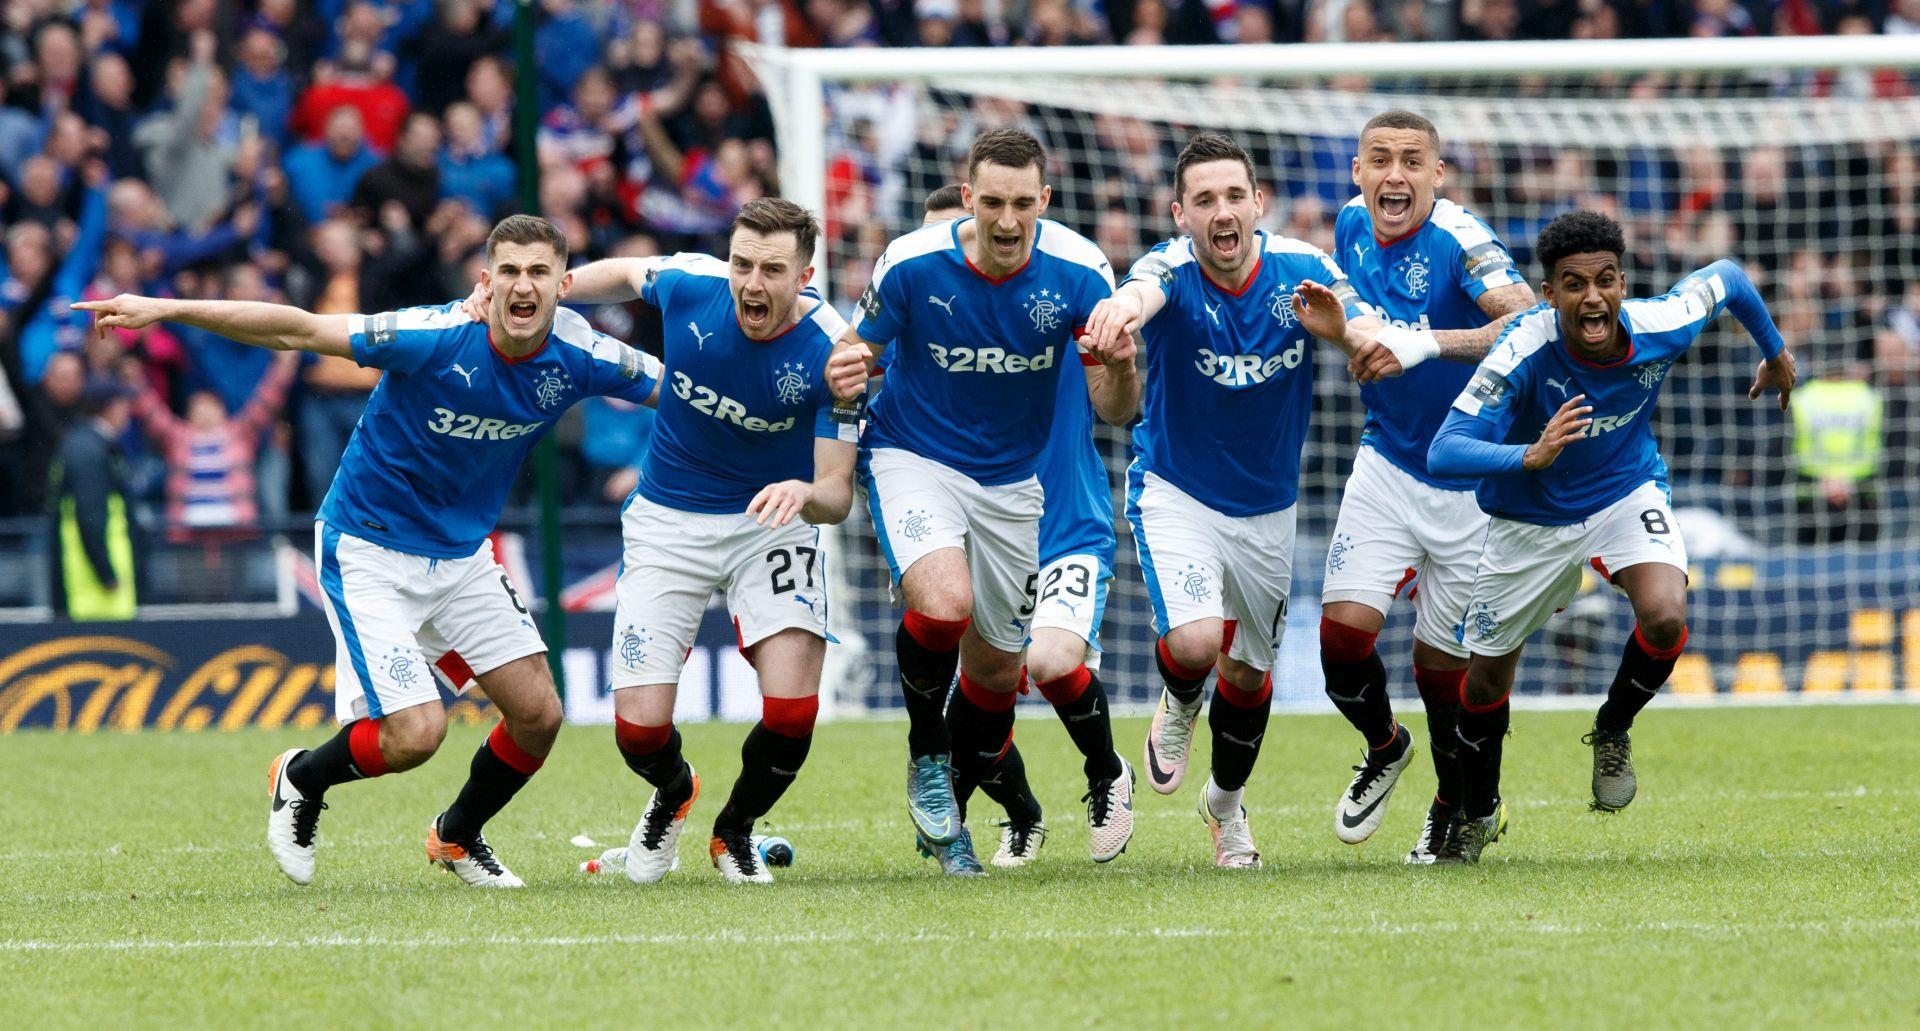 Škotska: Rangers – Celtic 2-3, Šimunović isključen